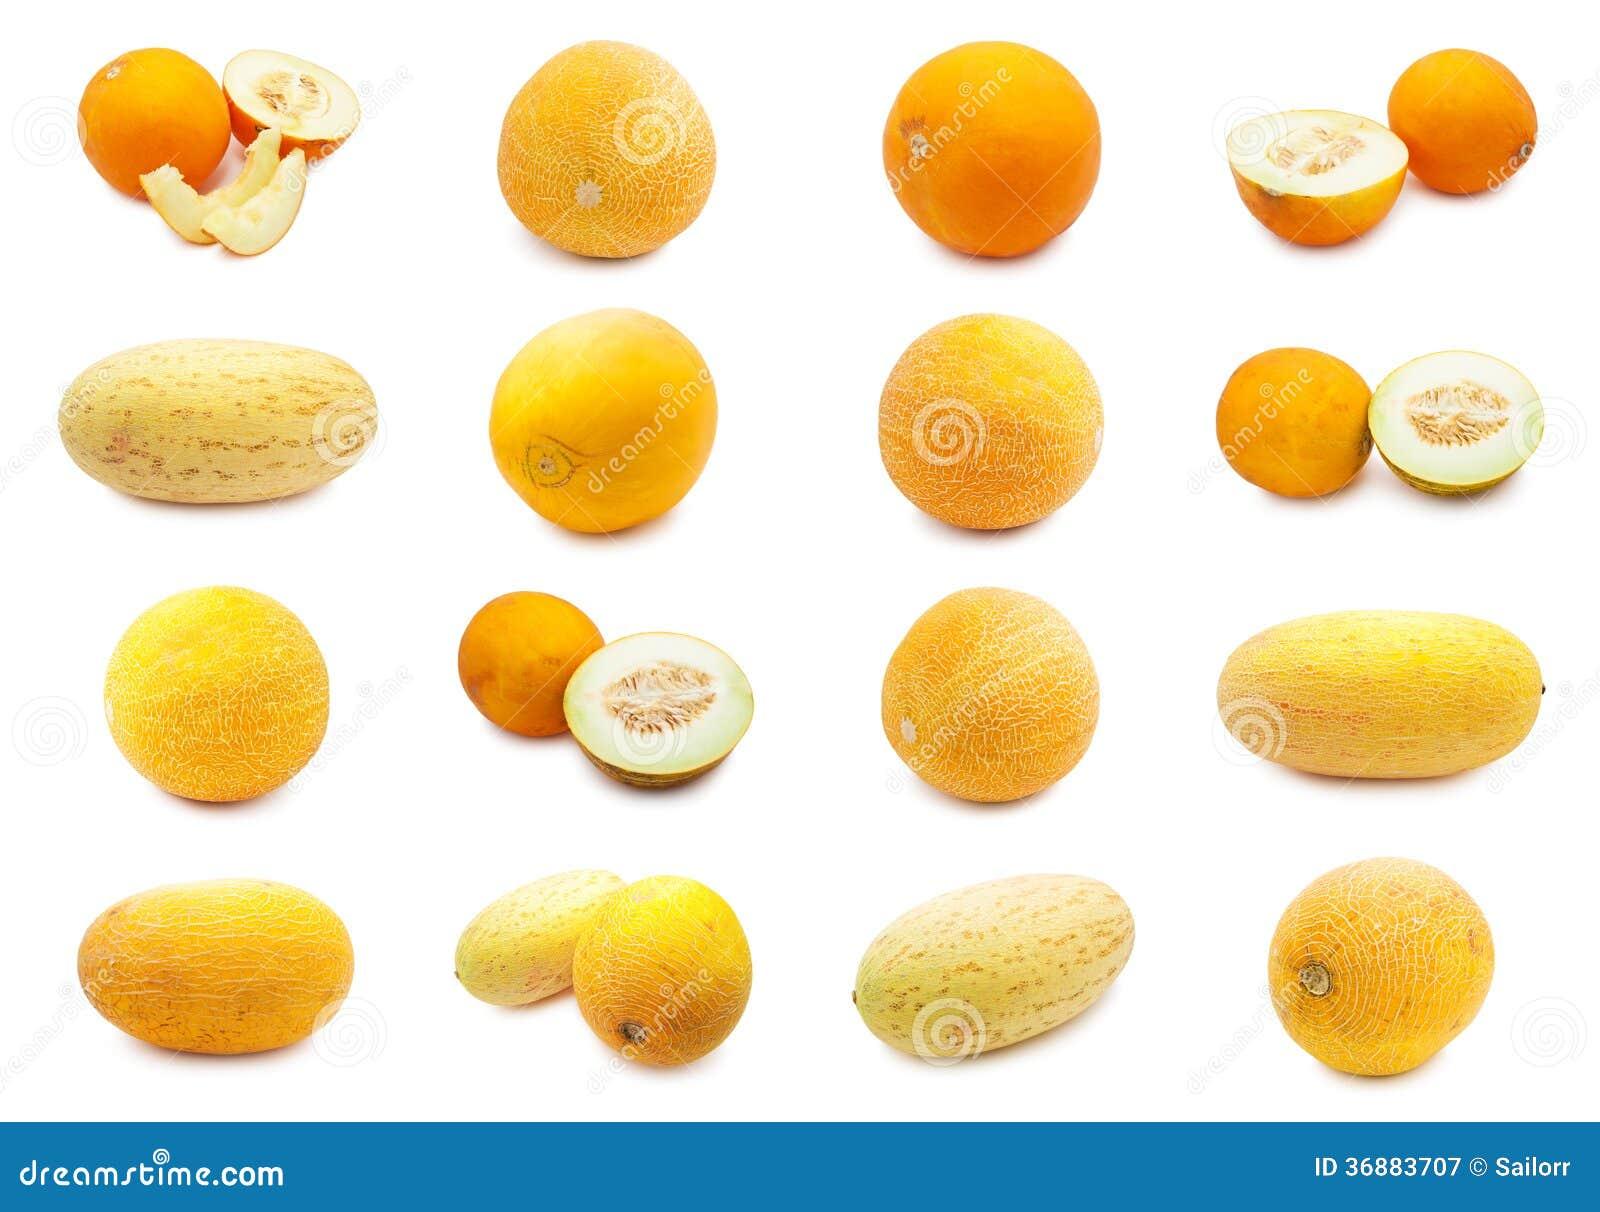 Download Melone immagine stock. Immagine di dolce, cantalupo, melone - 36883707